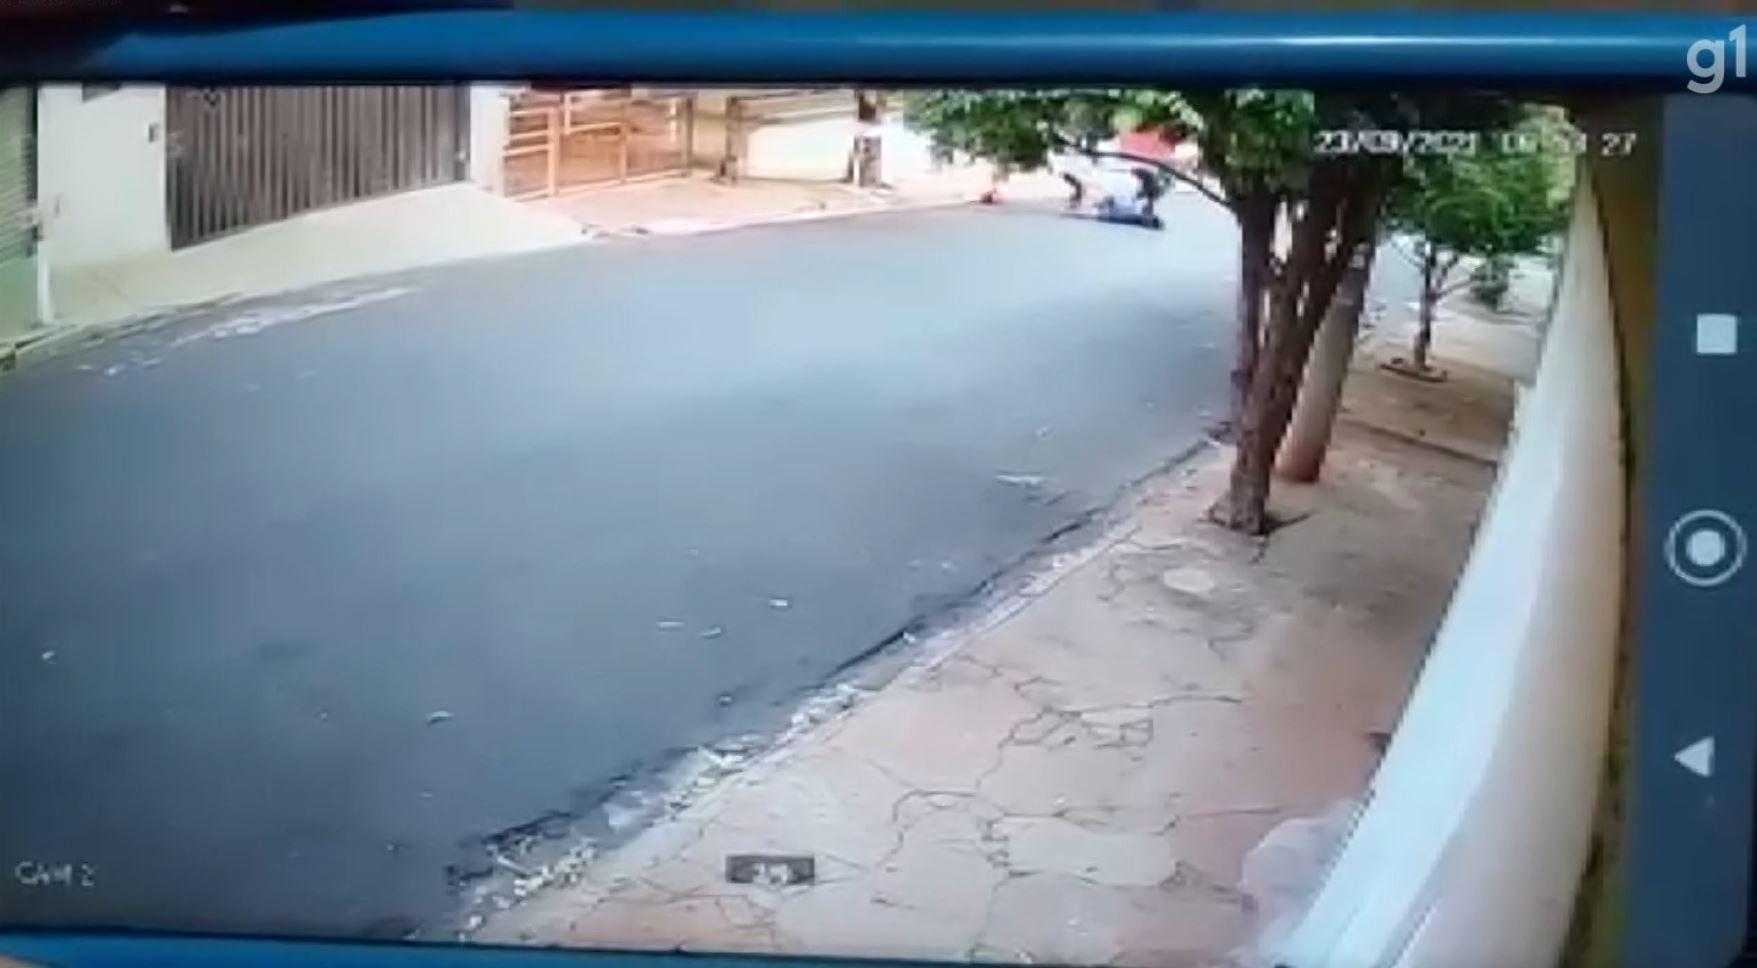 Menina é agredida e arrastada por ladrão no meio da rua a caminho da escola em Ribeirão Preto; VÍDEO